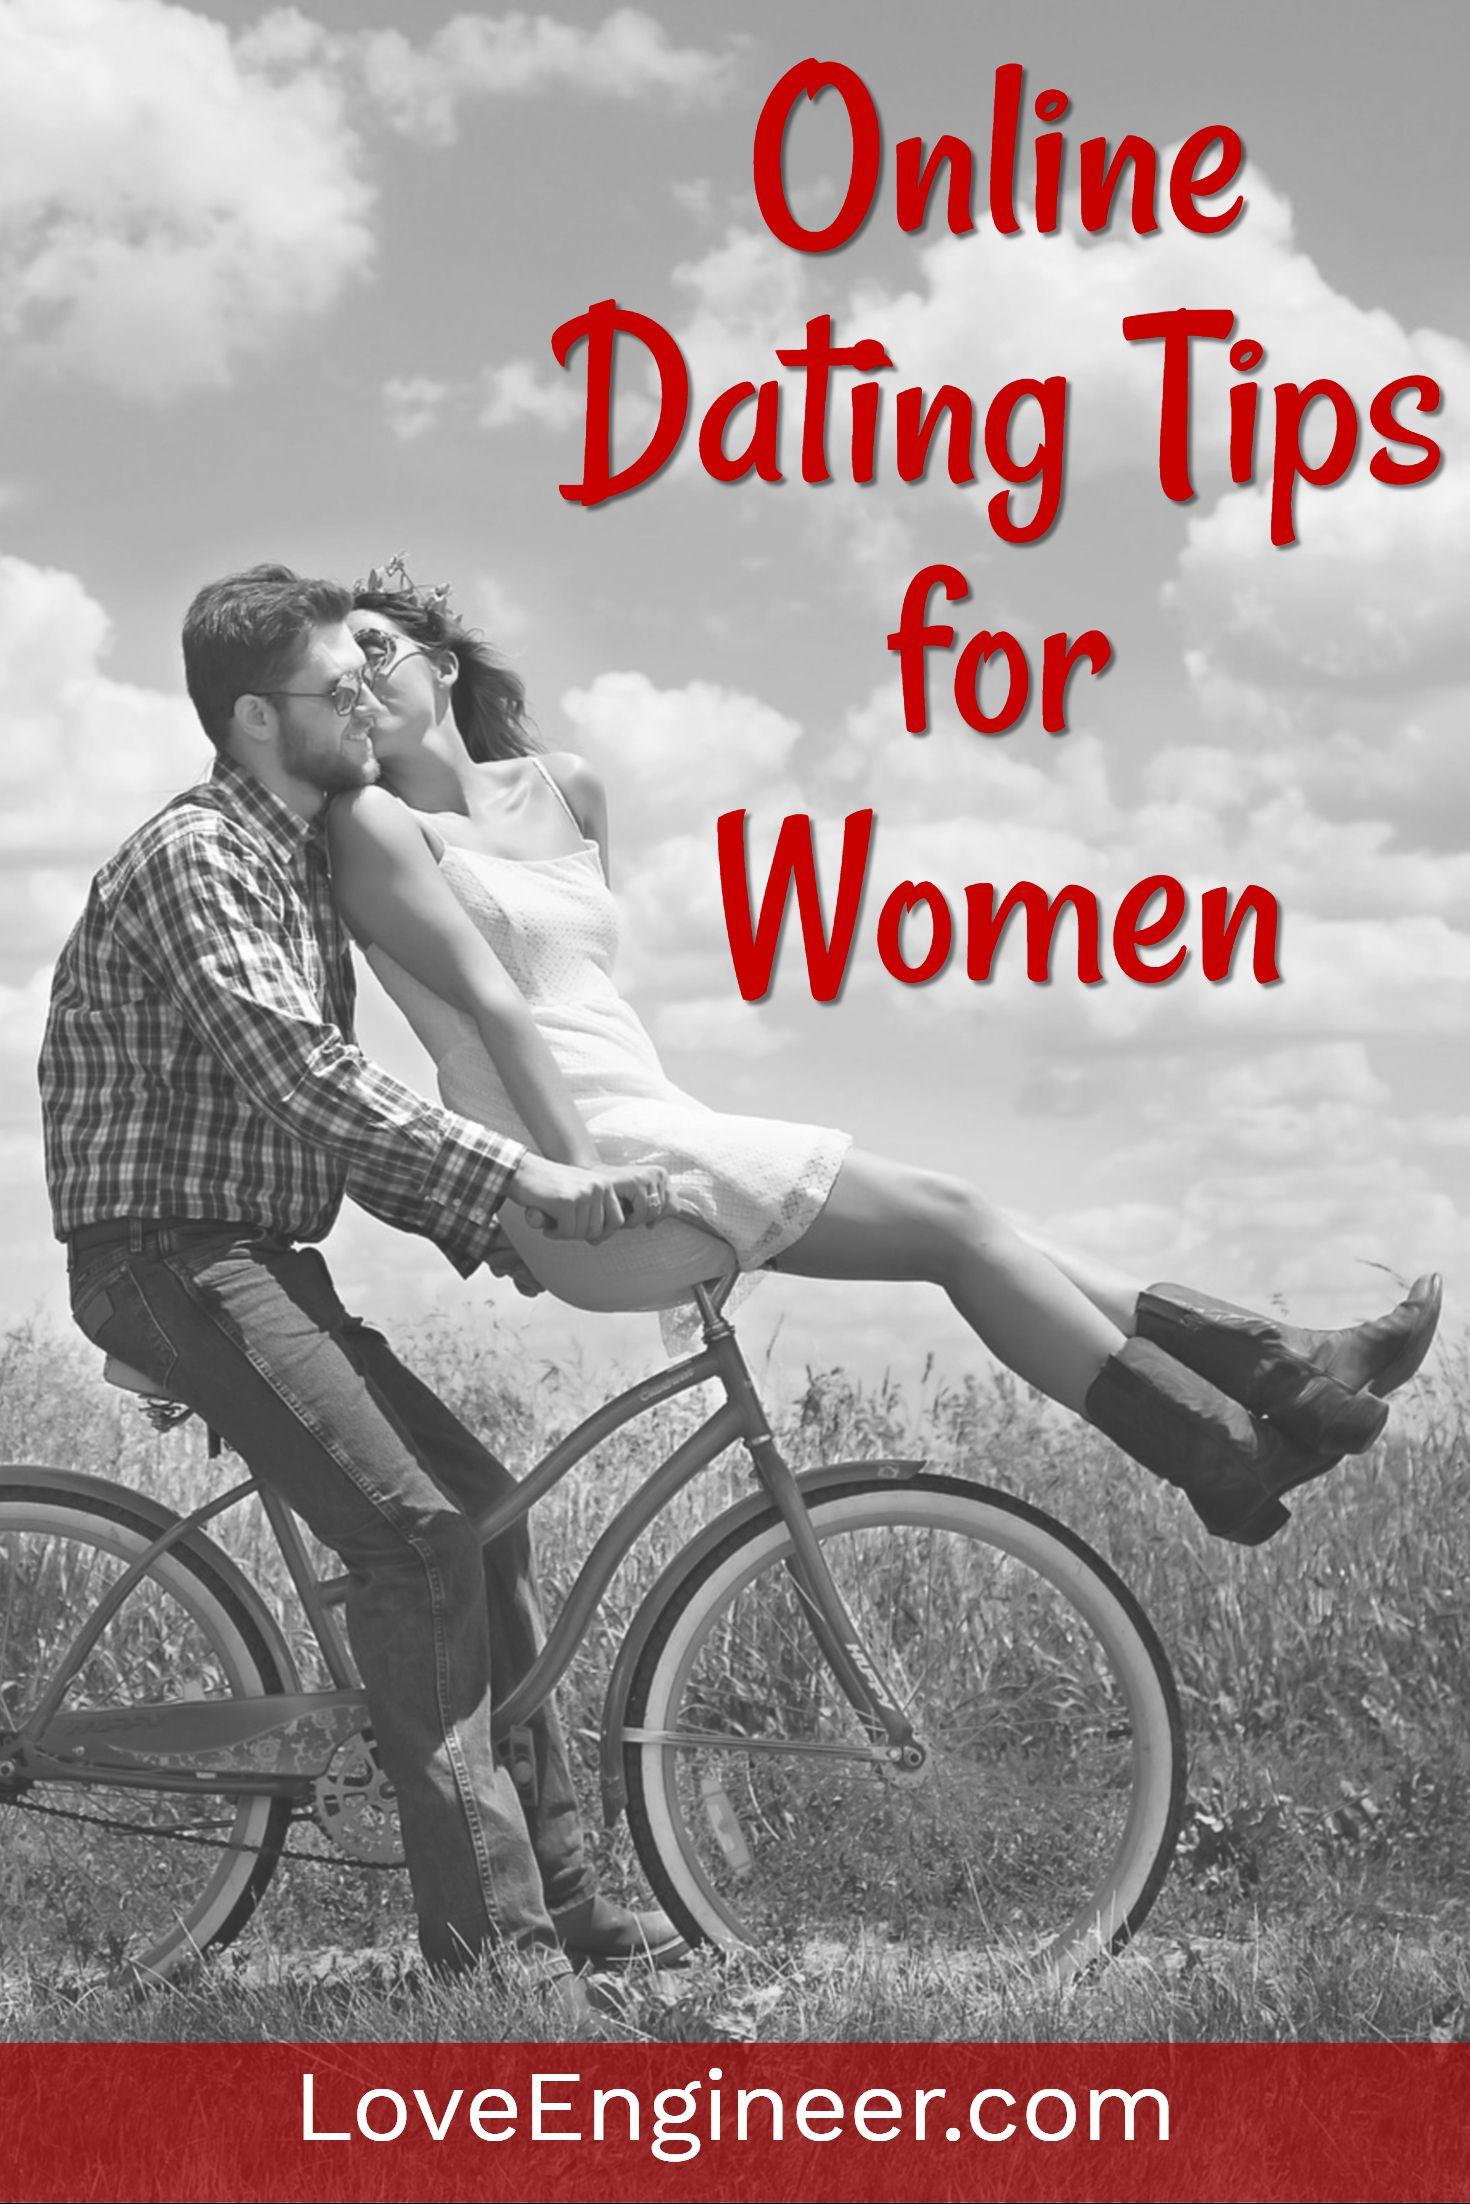 Die 11 besten Online Dating Tipps für Männer: So geht sie Dir ins Netz!